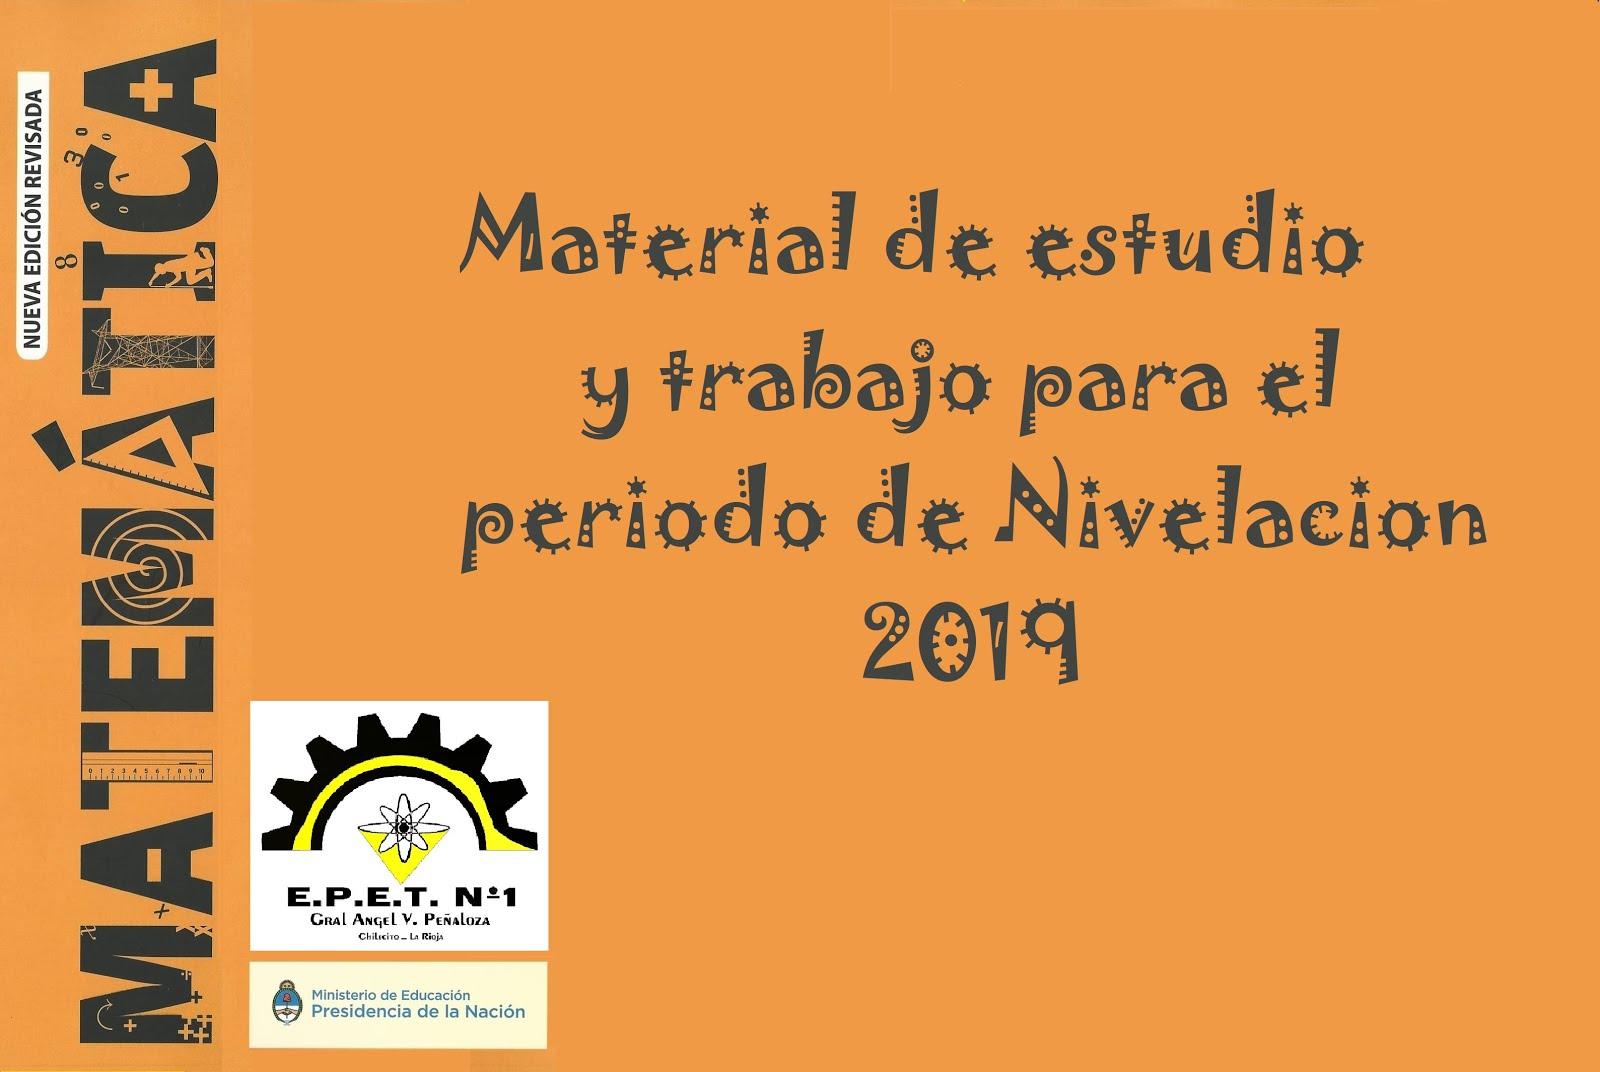 Material de estudio y trabajo para el periodo de Nivelación 2019 - Matemática